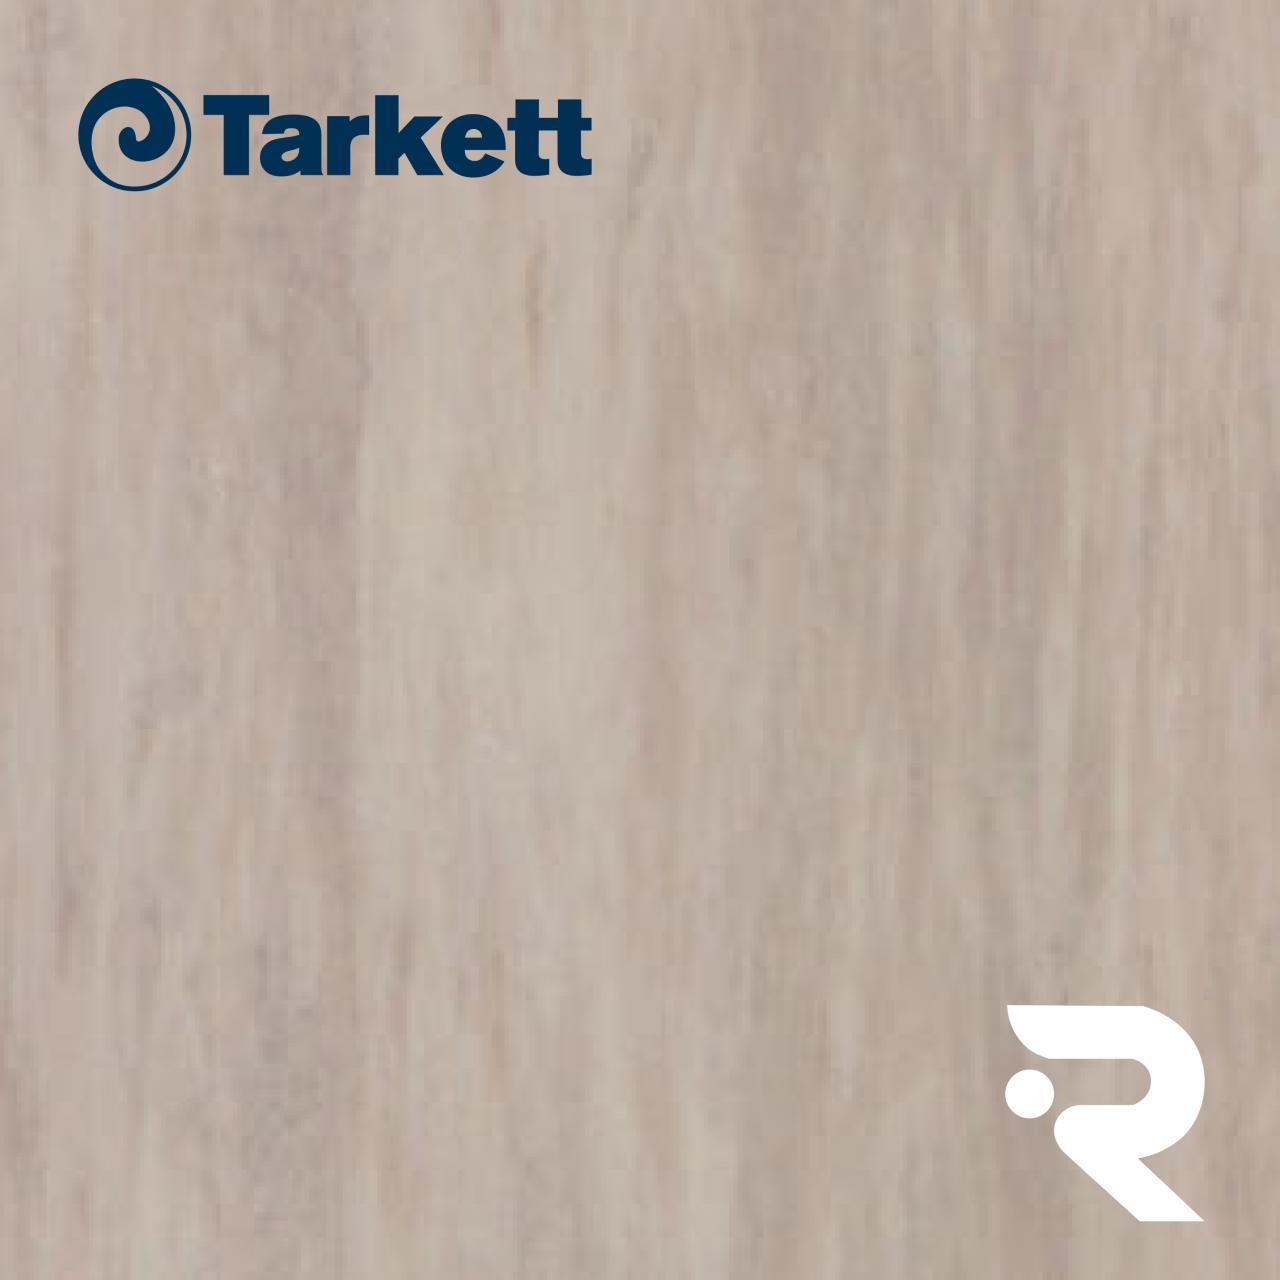 🏫 Гомогенний лінолеум Tarkett   Standard MEDIUM WARM GREY 0911   Standard Plus 2.0 mm   610 х 610 мм